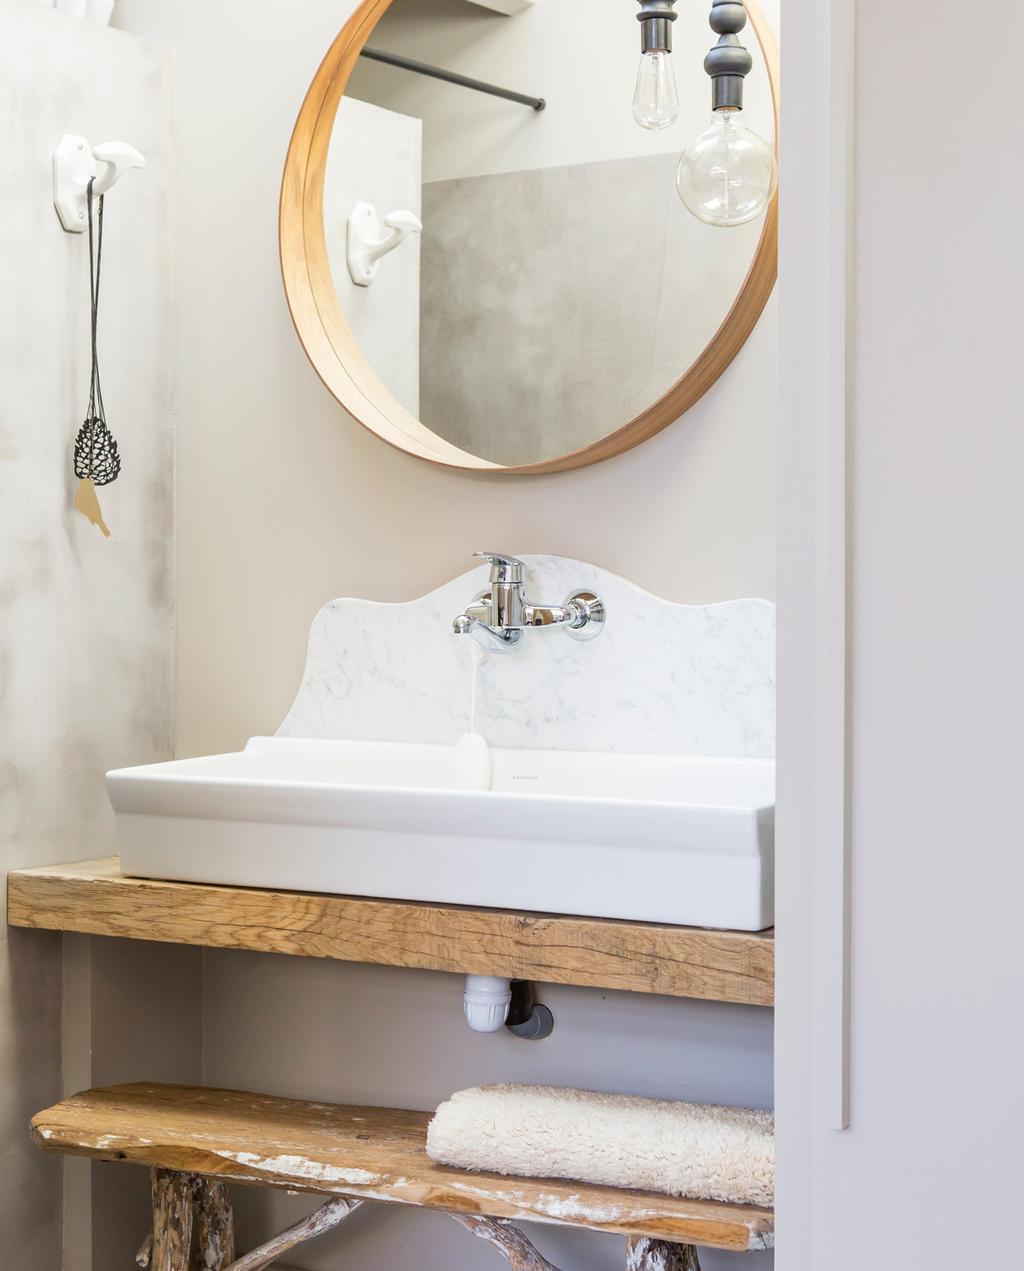 vtwonen binnenkijken special 07-2021 | binnenkijken in een vissershuis | kleine badkamer met grijze tadelakt tegen de muren, een ronde spiegel en een antieke wasbak op een oud houten wastafel